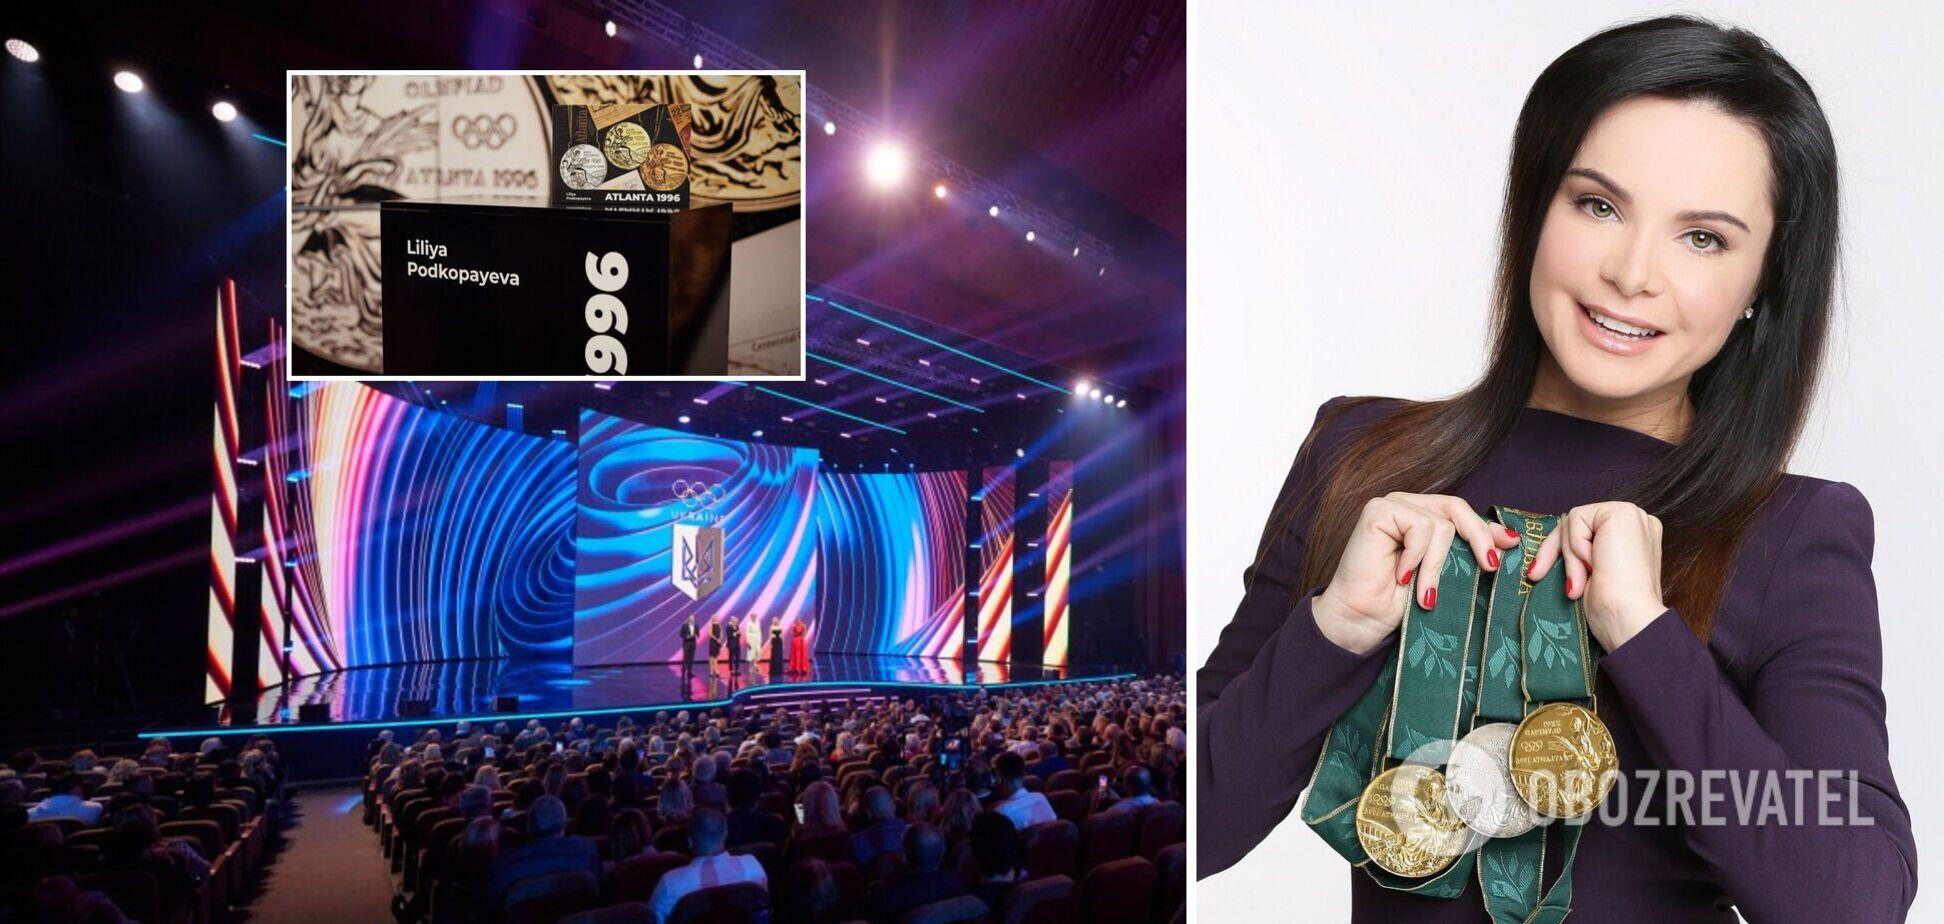 Подкопаева презентовала книгу 'Золото Атланты' о победах украинской олимпийской сборной. Фото